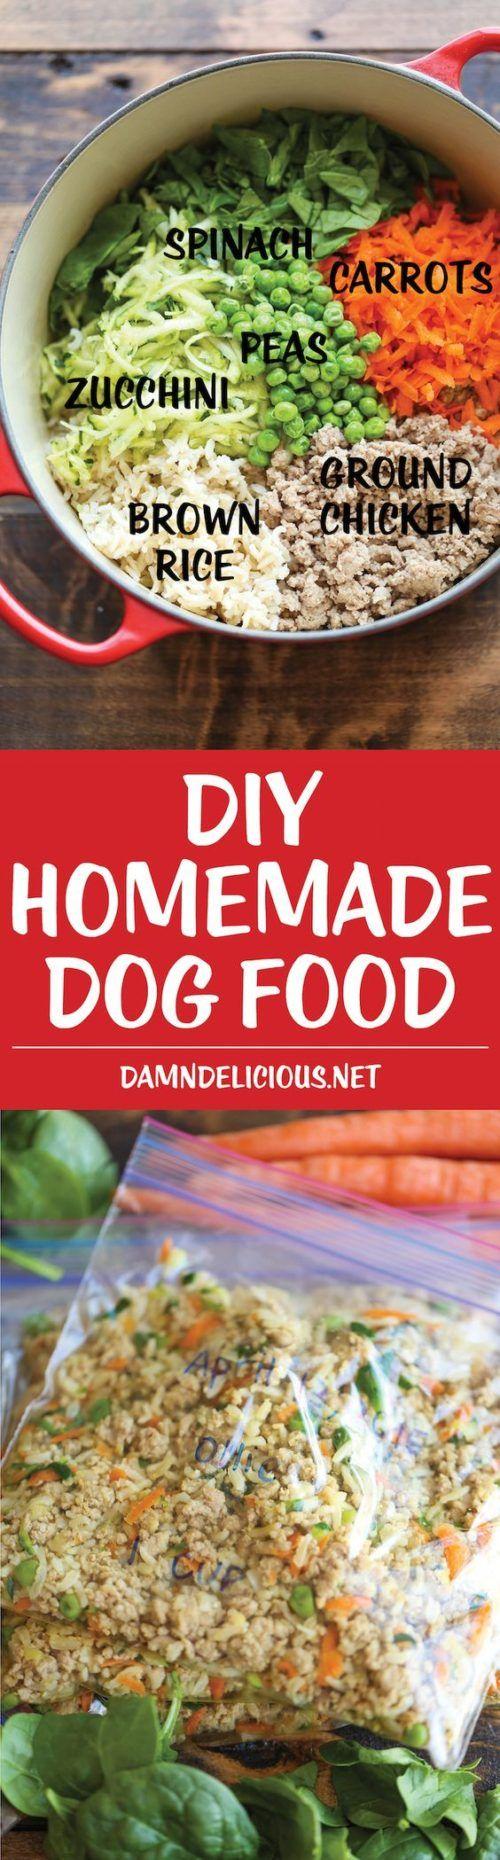 homemade-dog-food                                                                                                                                                                                 More